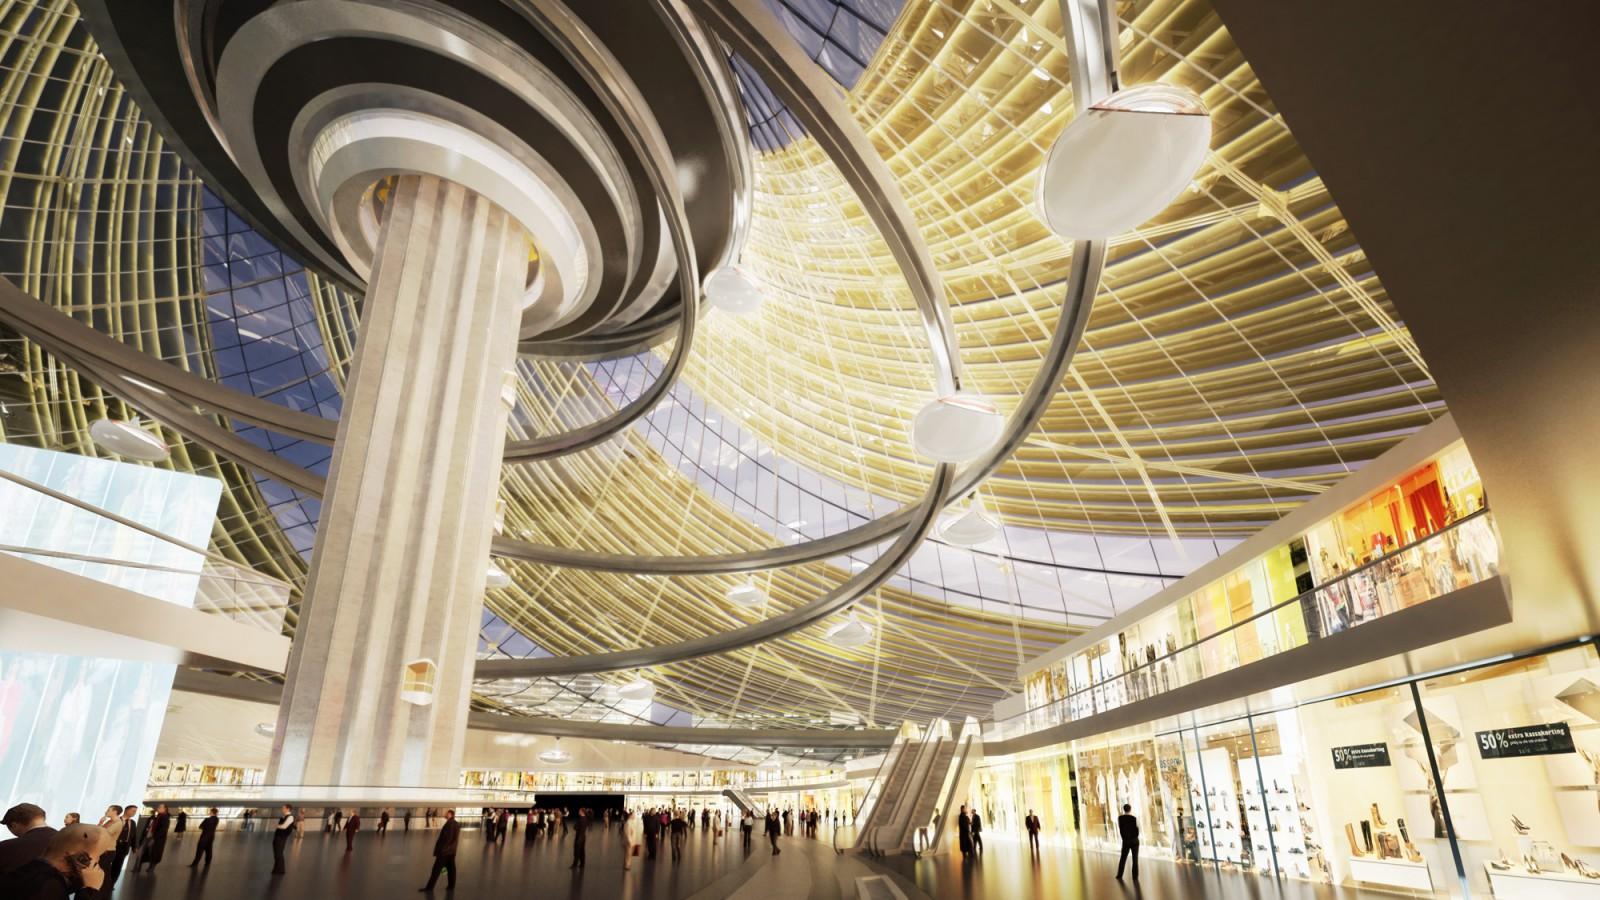 Flashforward - Dalian Culture & Tourism City